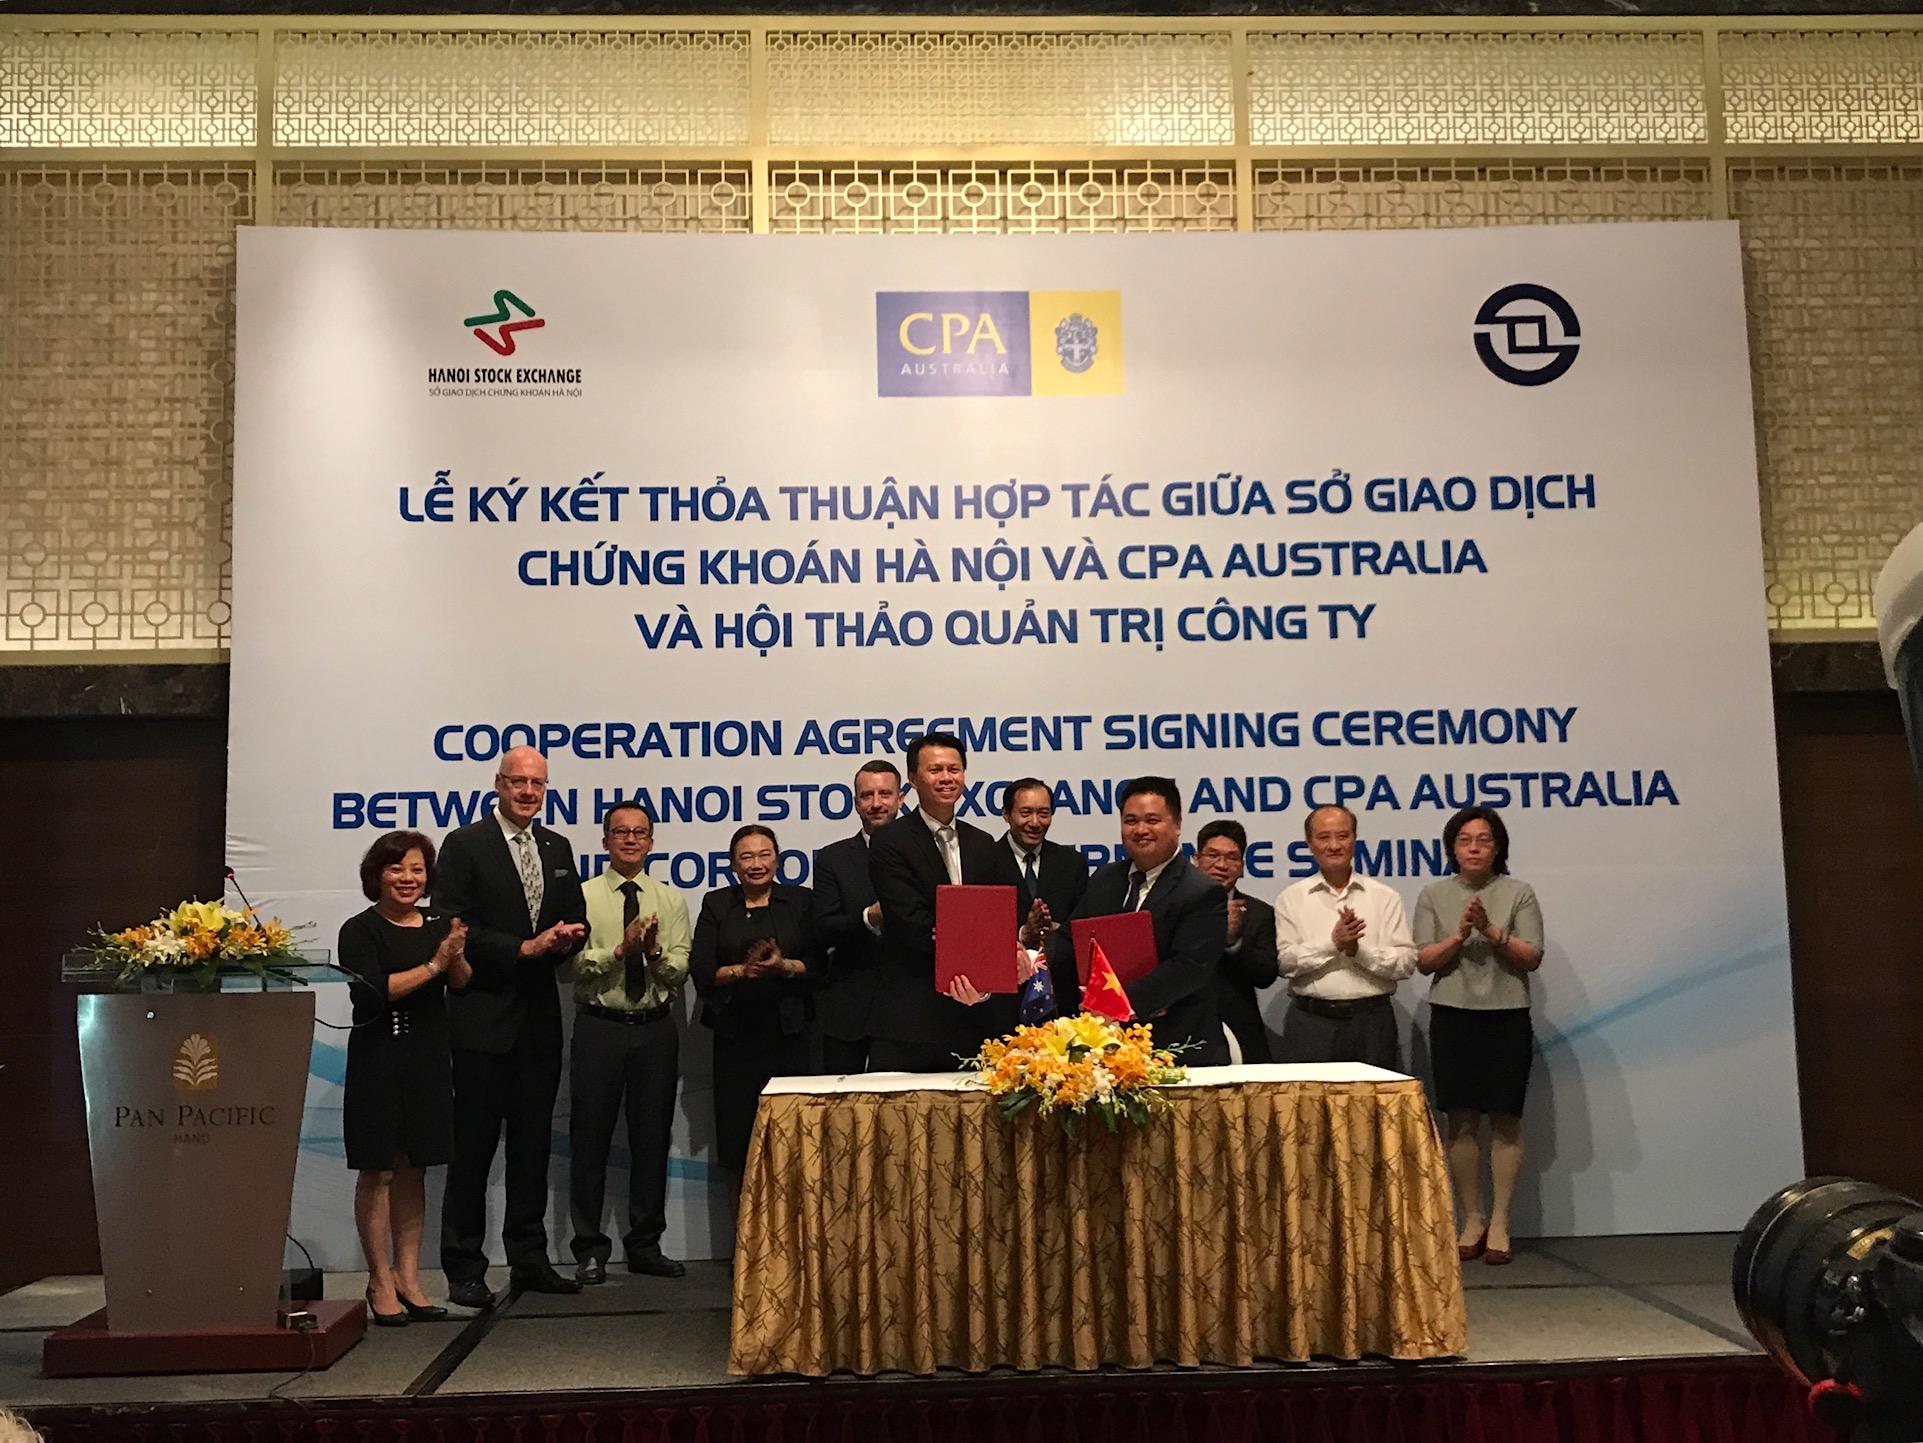 Sở Giao dịch chứng khoán Hà Nội ký kết thỏa thuận hợp tác với CPA Australia